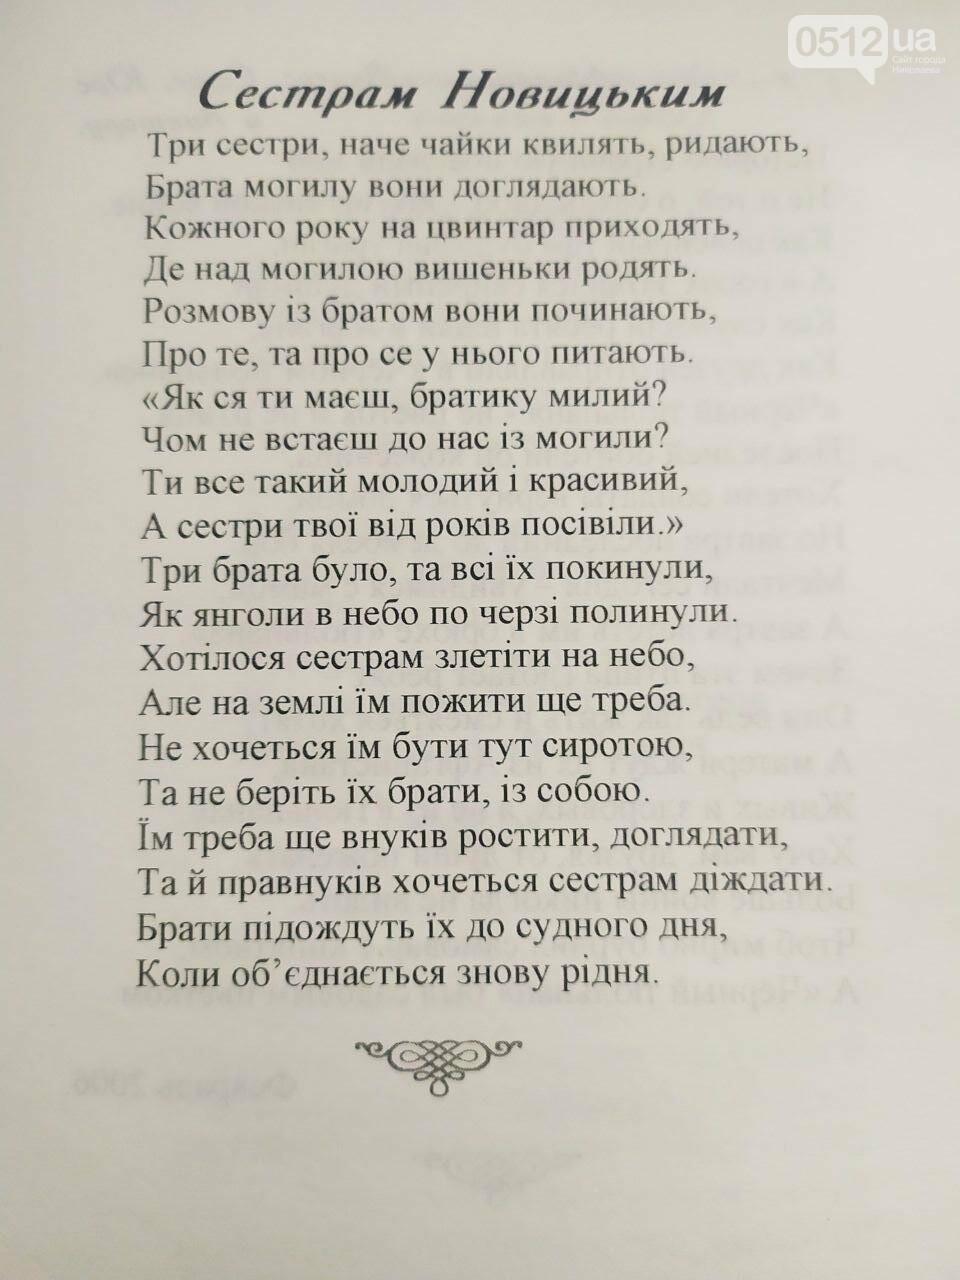 Он отважный мальчик: история о подвиге николаевца Гриши Новицкого, - ФОТО, фото-2